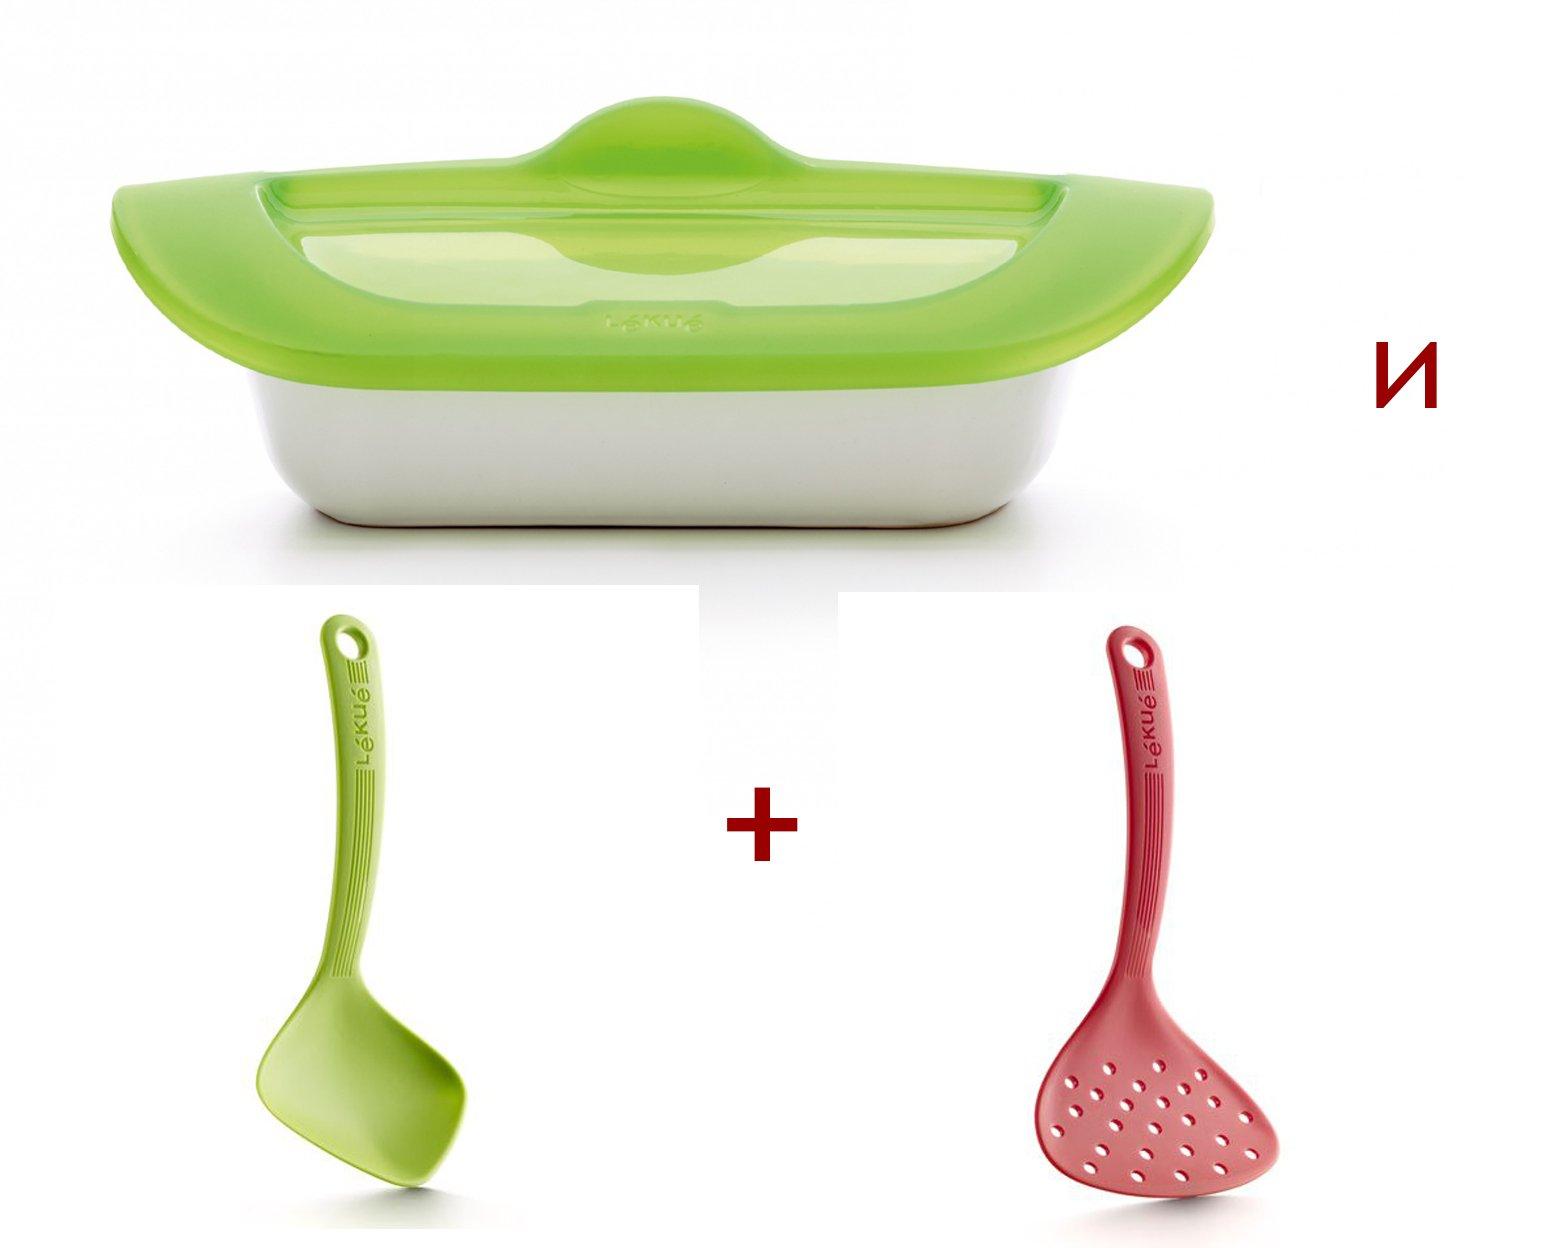 Набор: Форма для запекания Emile Henry с силиконовой крышкой 3-4 порции (салатовый, 32x22см, 2л) + ложка (салатовая) и шумовка (красная) силиконовые в подарок от Lekue!